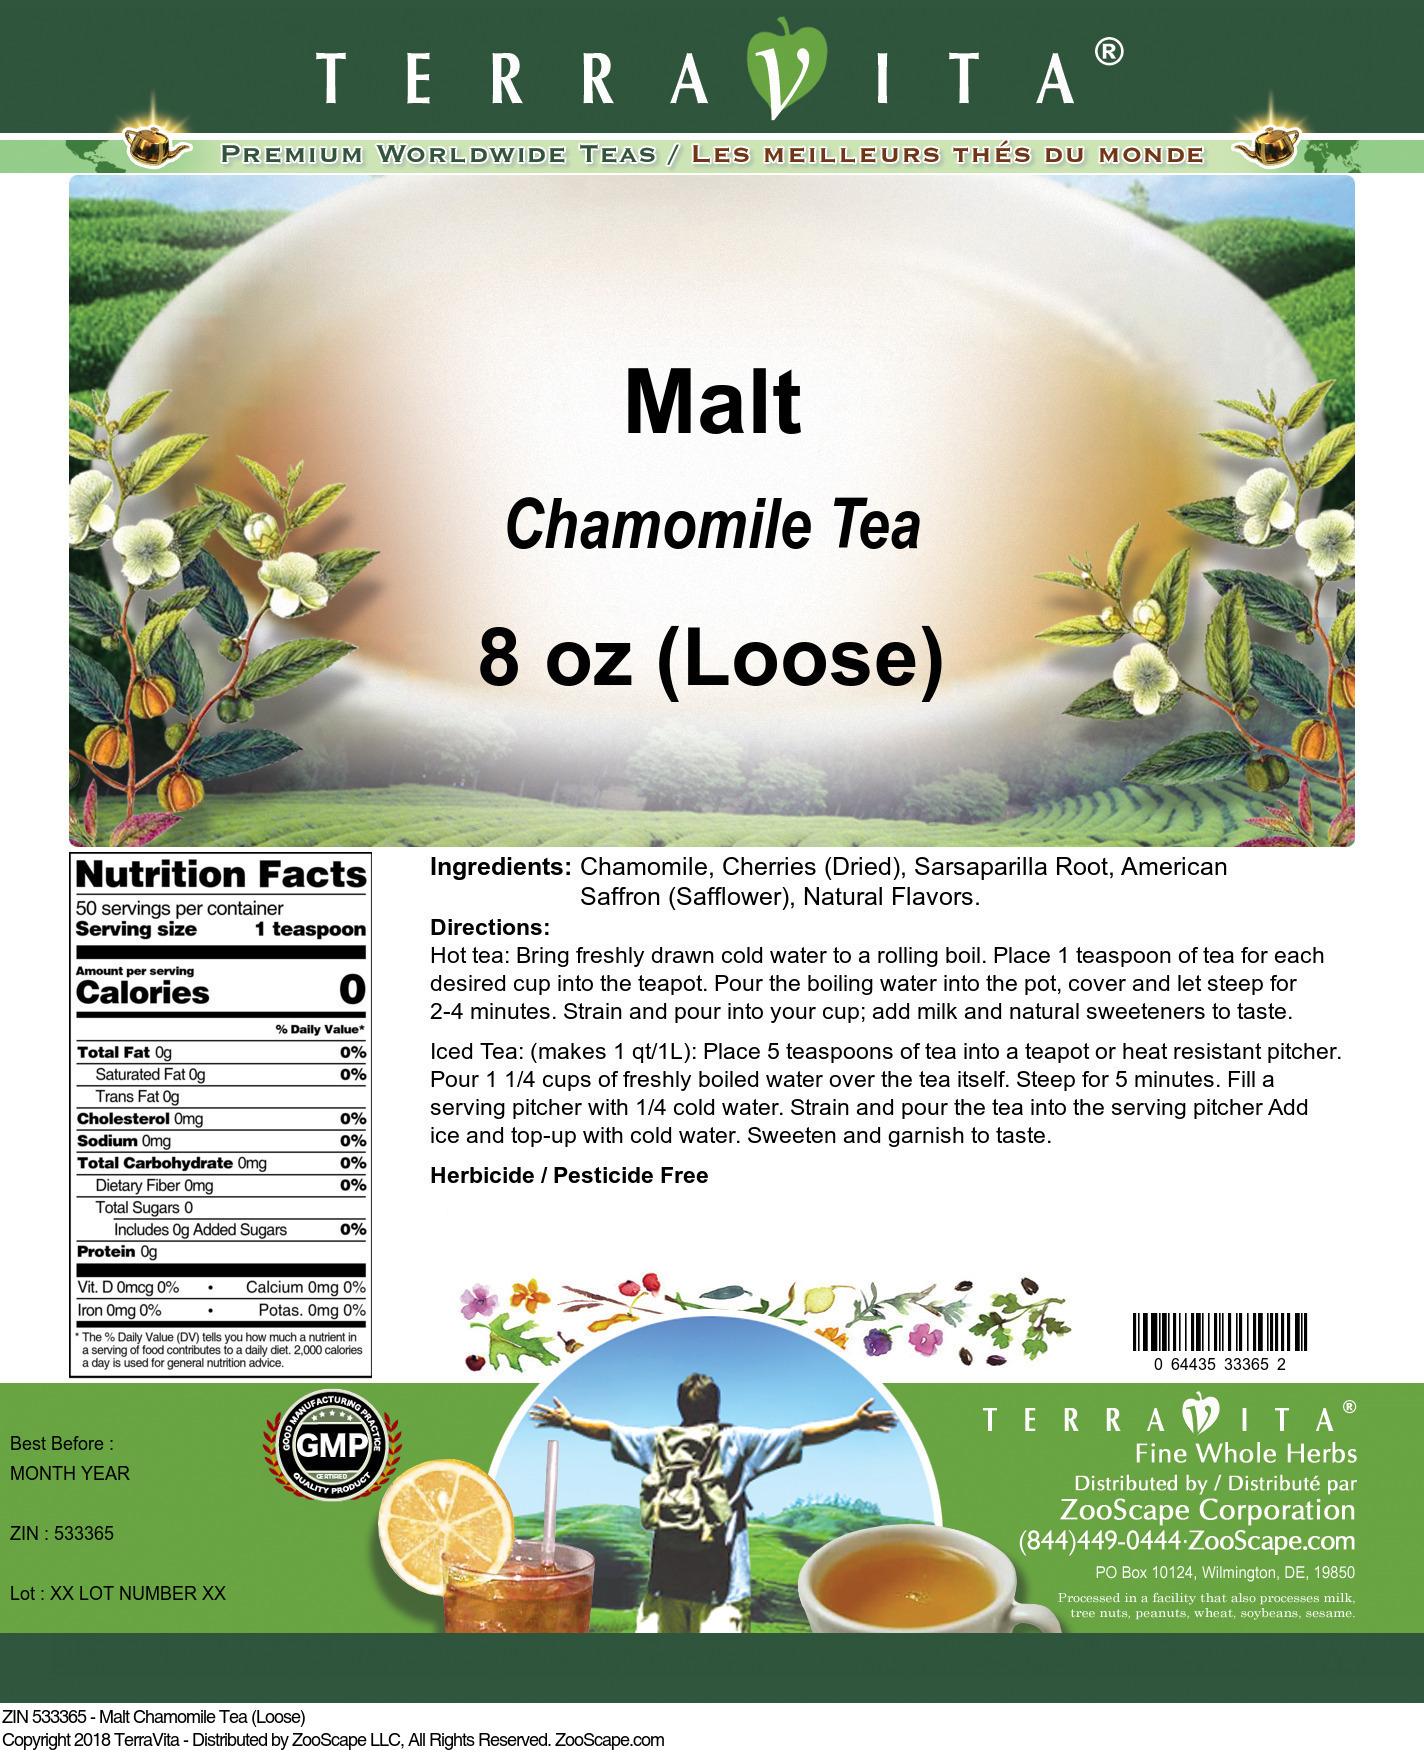 Malt Chamomile Tea (Loose)